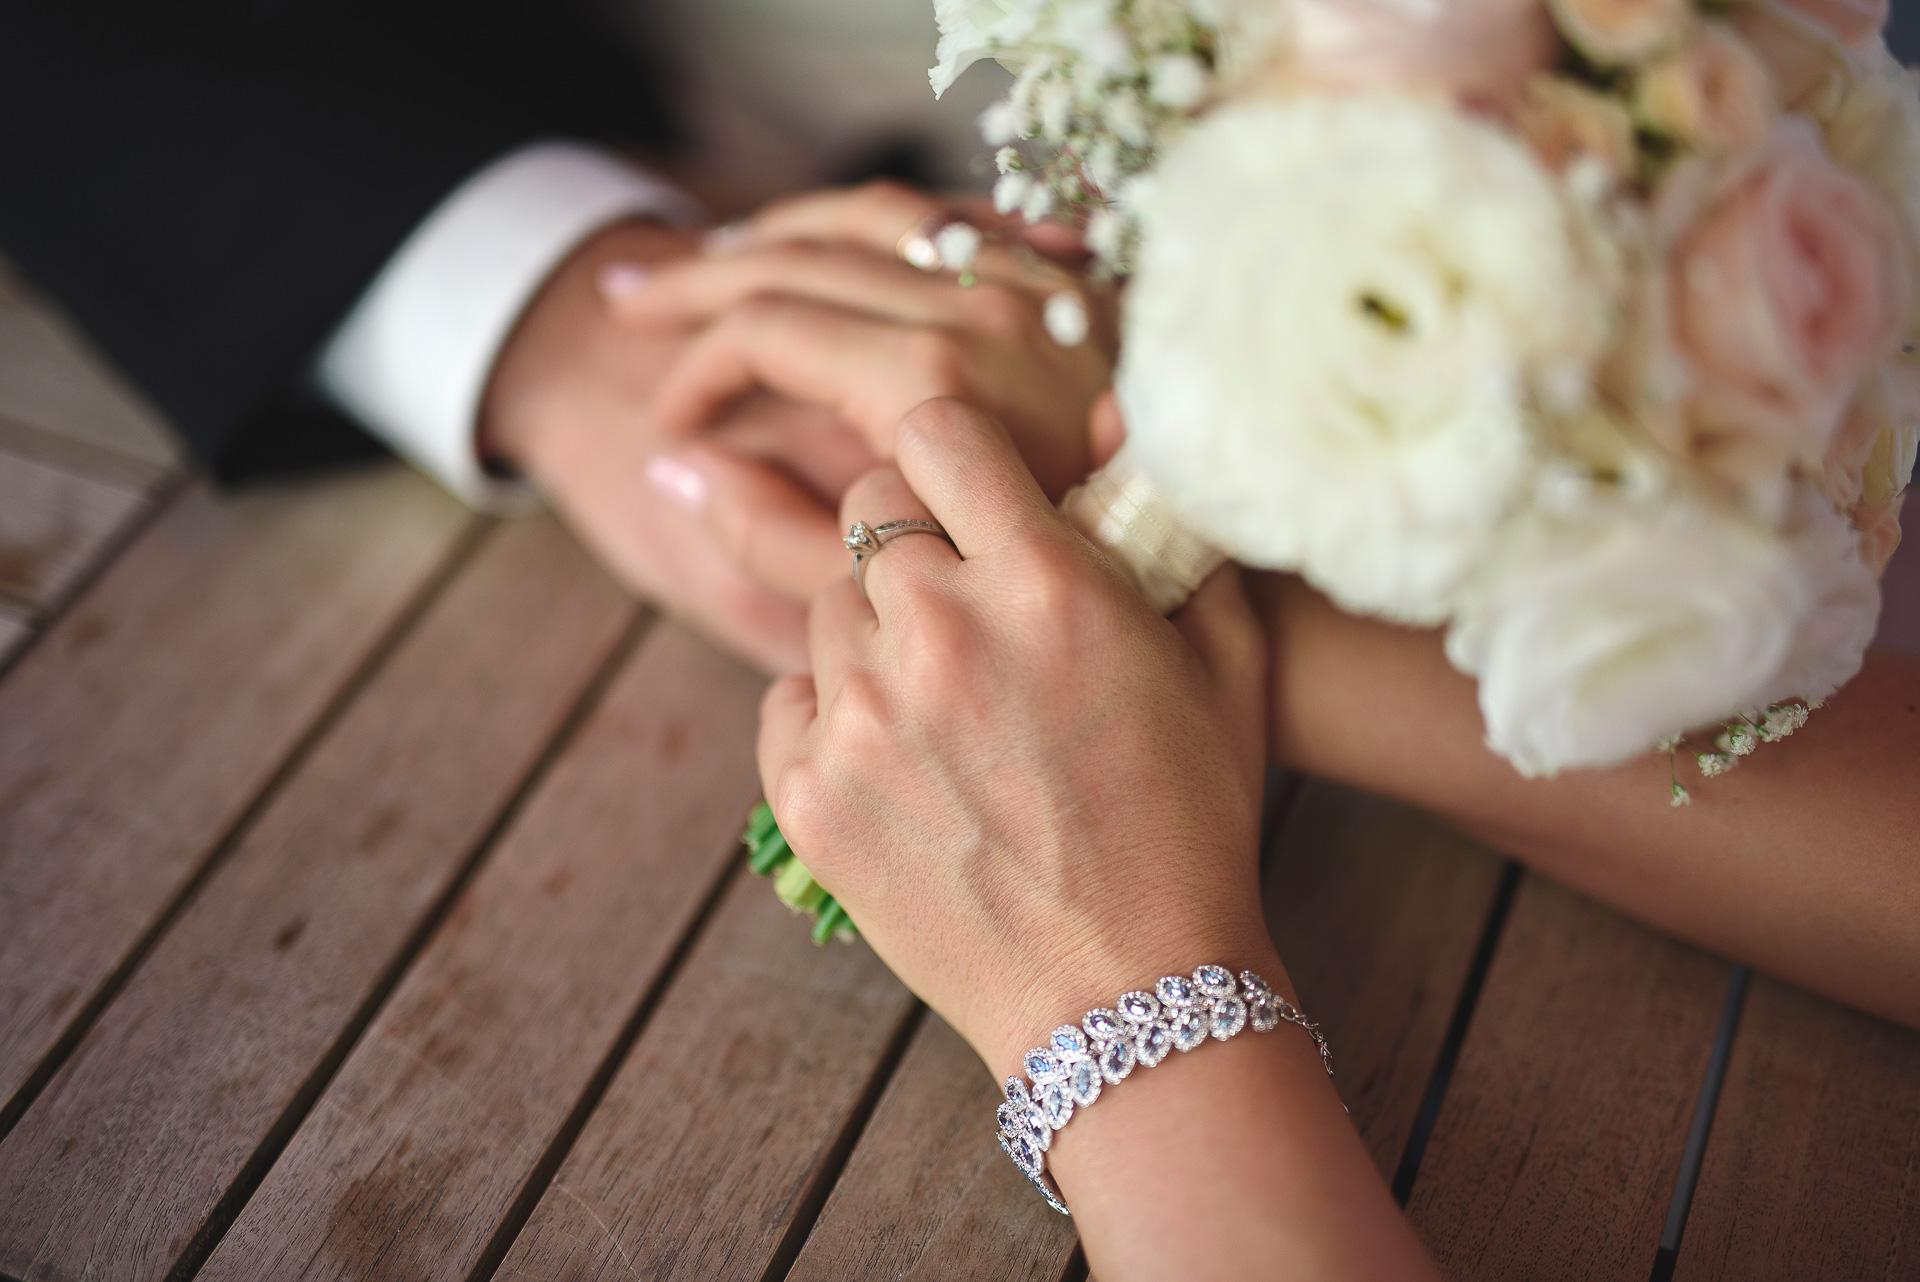 7 LB-Mediart stílusos esküvői fotózás és smink rendezvényfotózás kreatív esküvői fotózás Budapest Wedding Photography